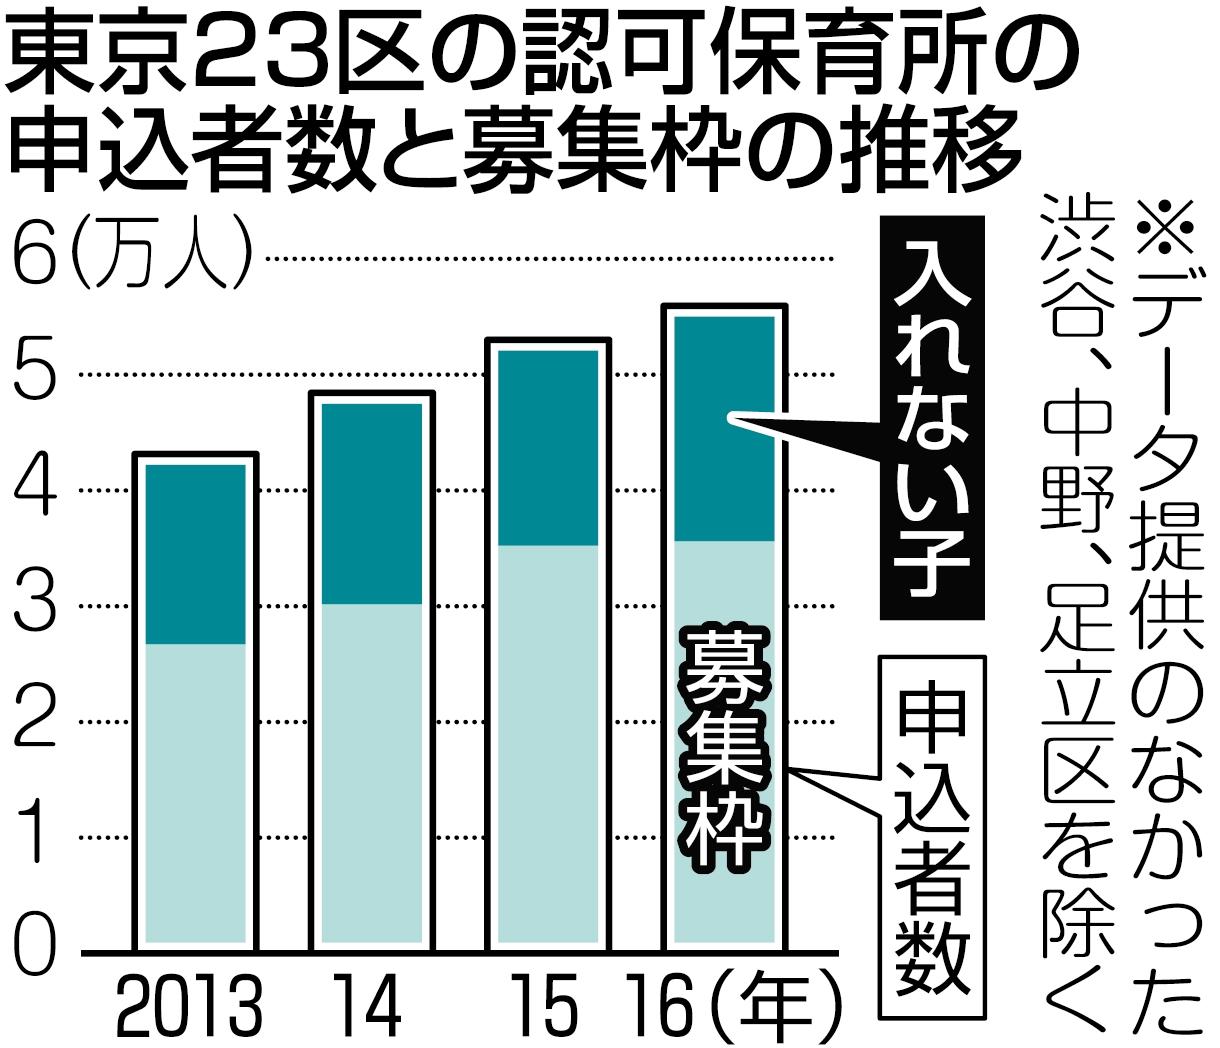 グラフ 東京23区の認可保育所の申込者数と募集枠の推移